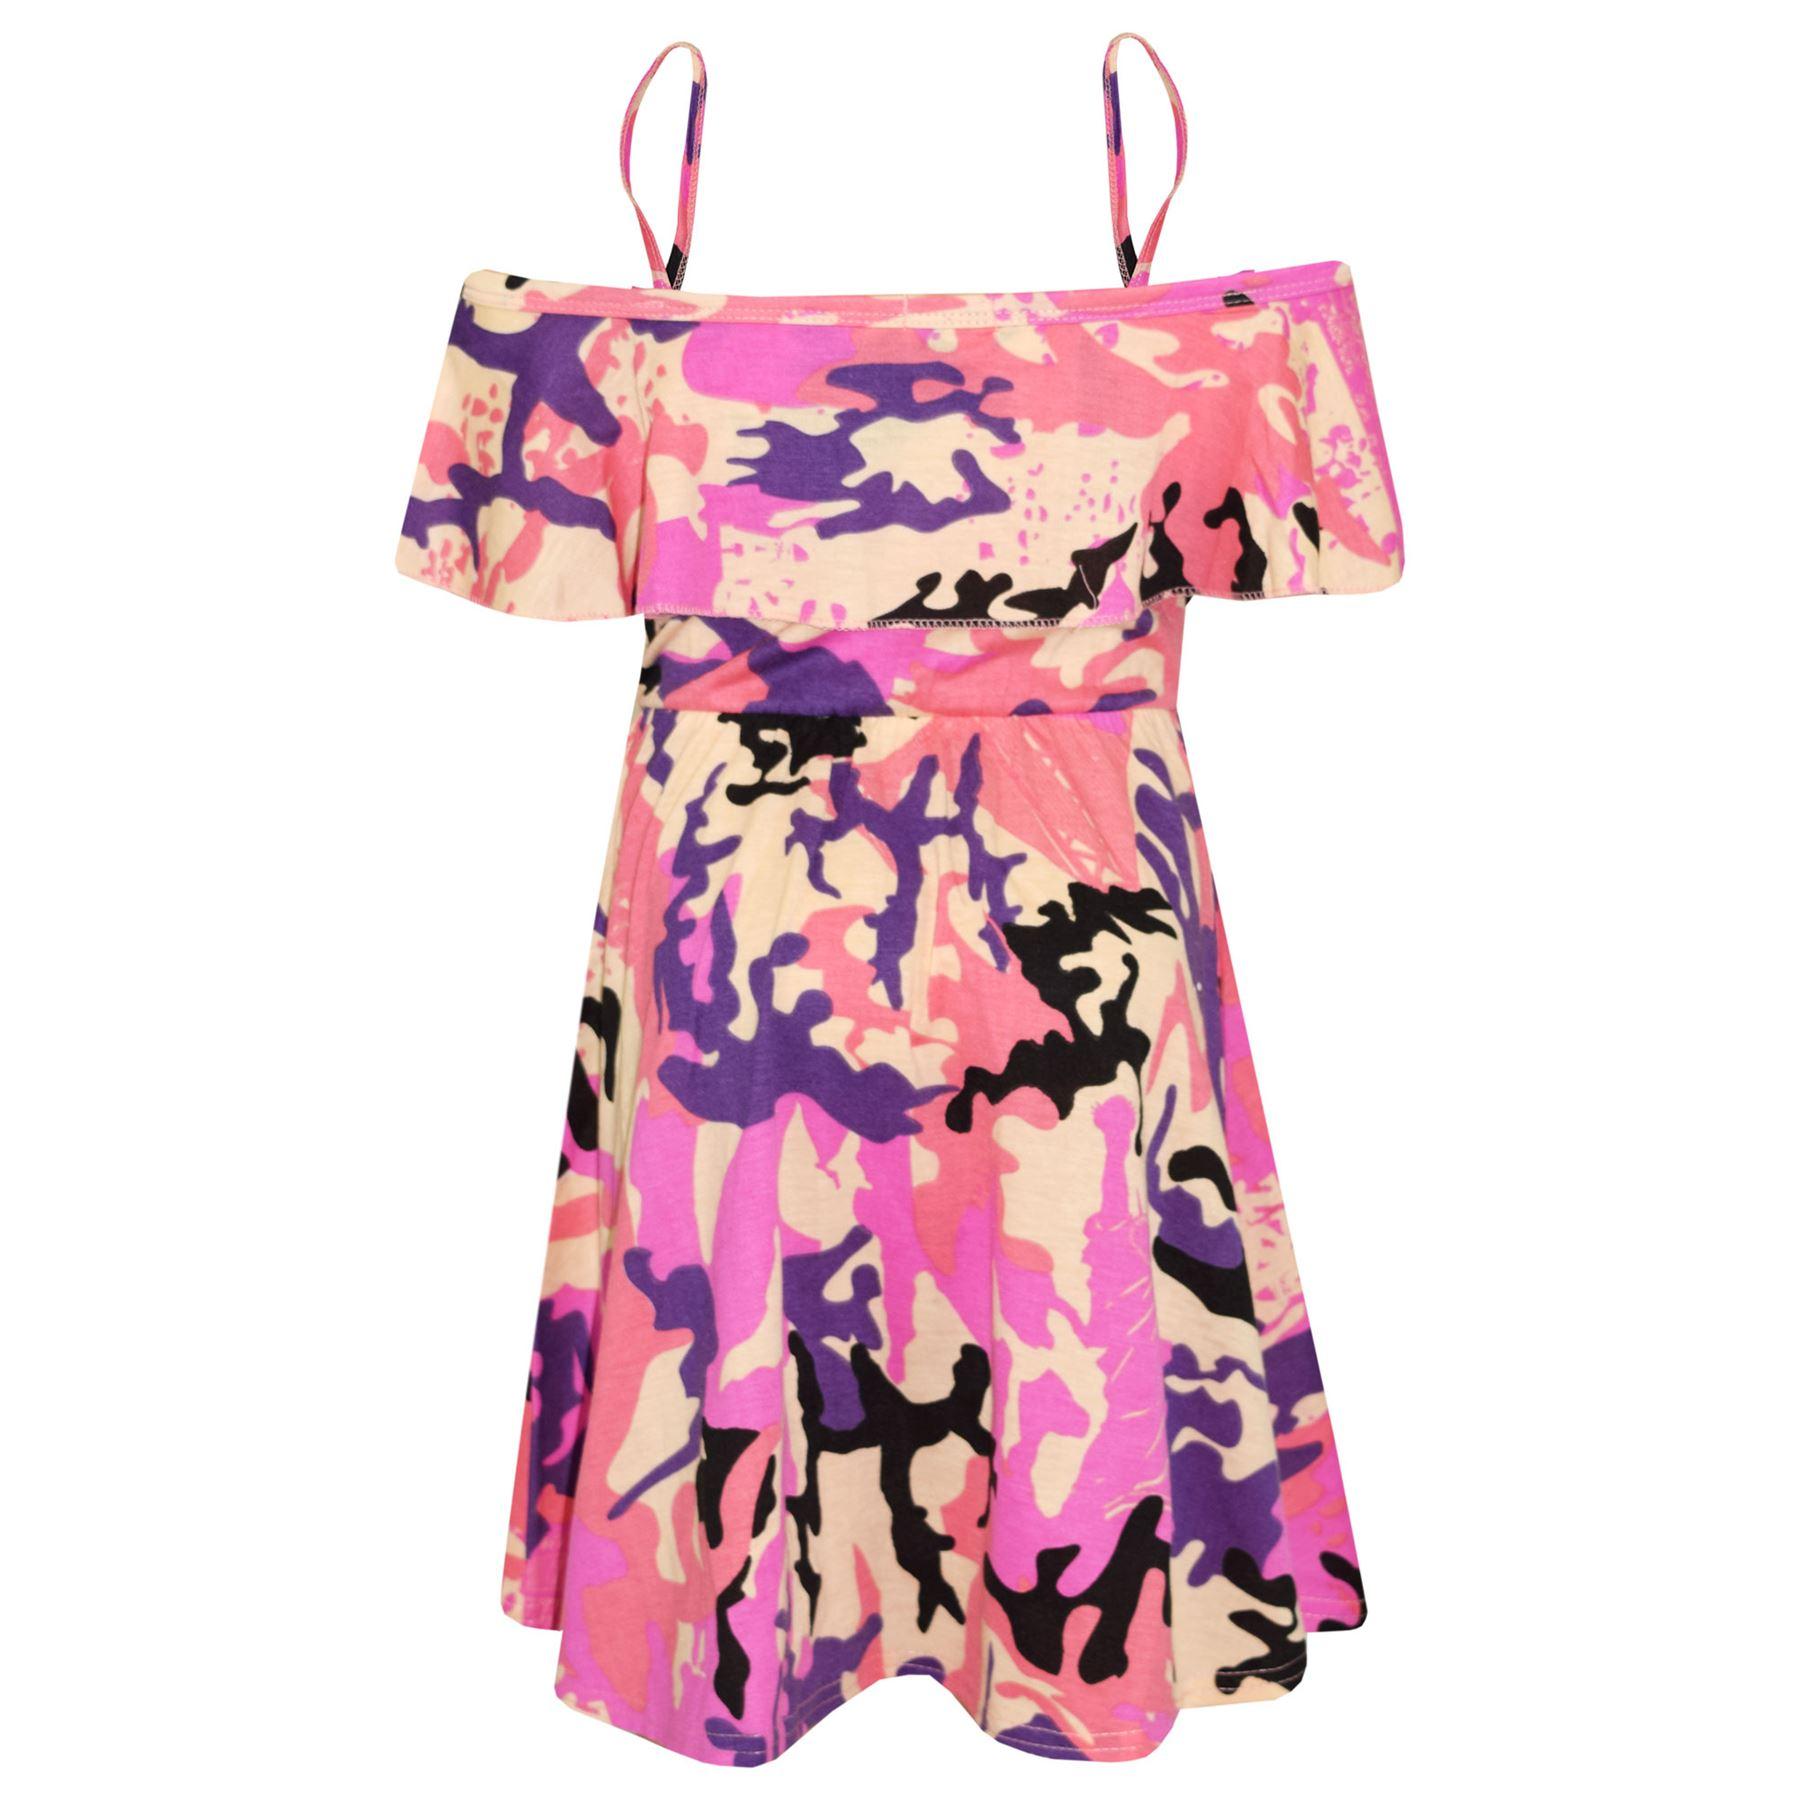 Girls Skater Dress Kids Plain Color Summer Party Off Shoulder Dresses 7-13 Yr